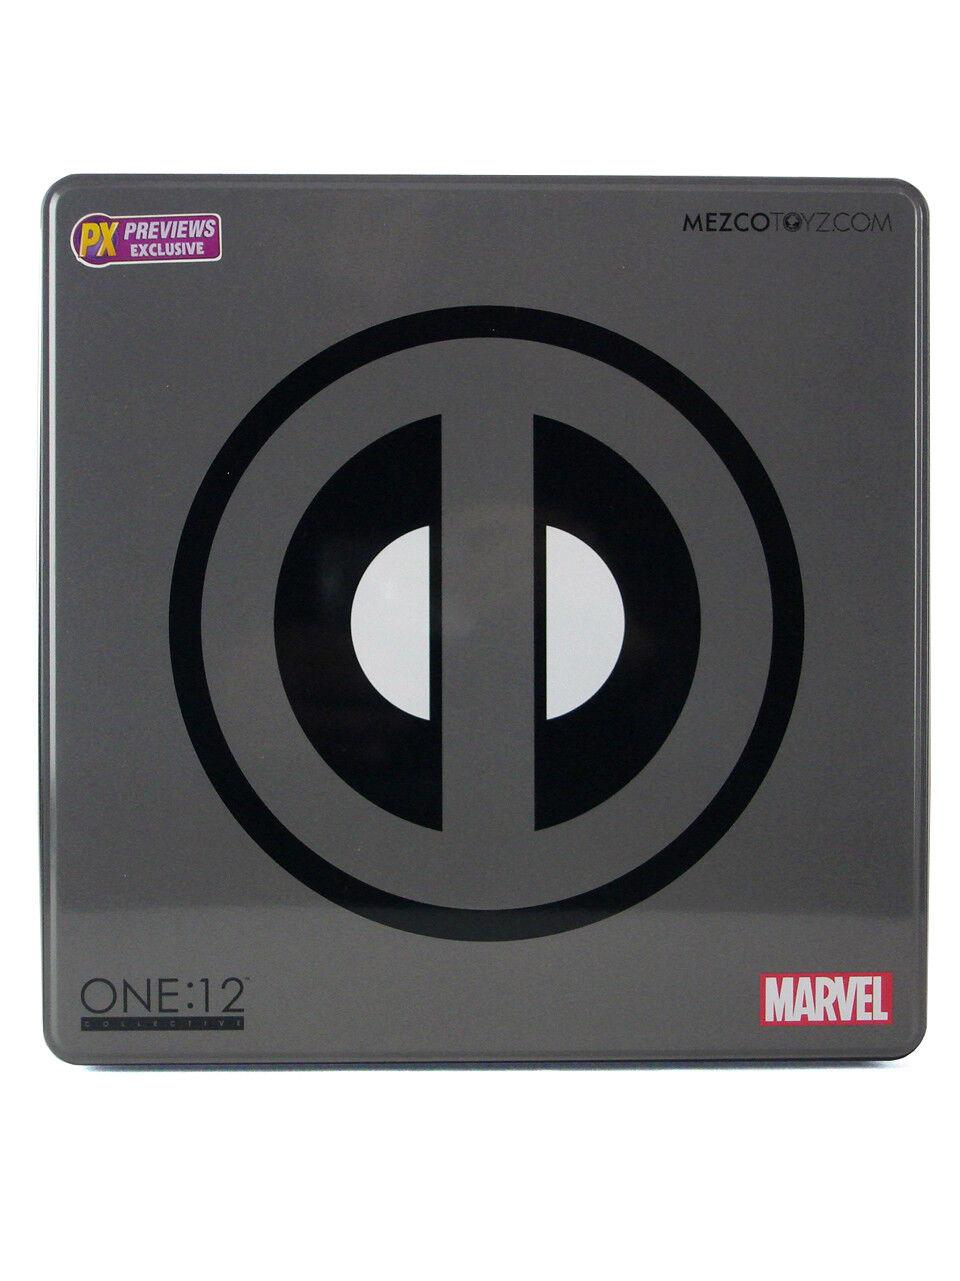 Mezco Juguetes Deadpool uno 12 colectivo PX vistas previas Exclusivo Figura X-force